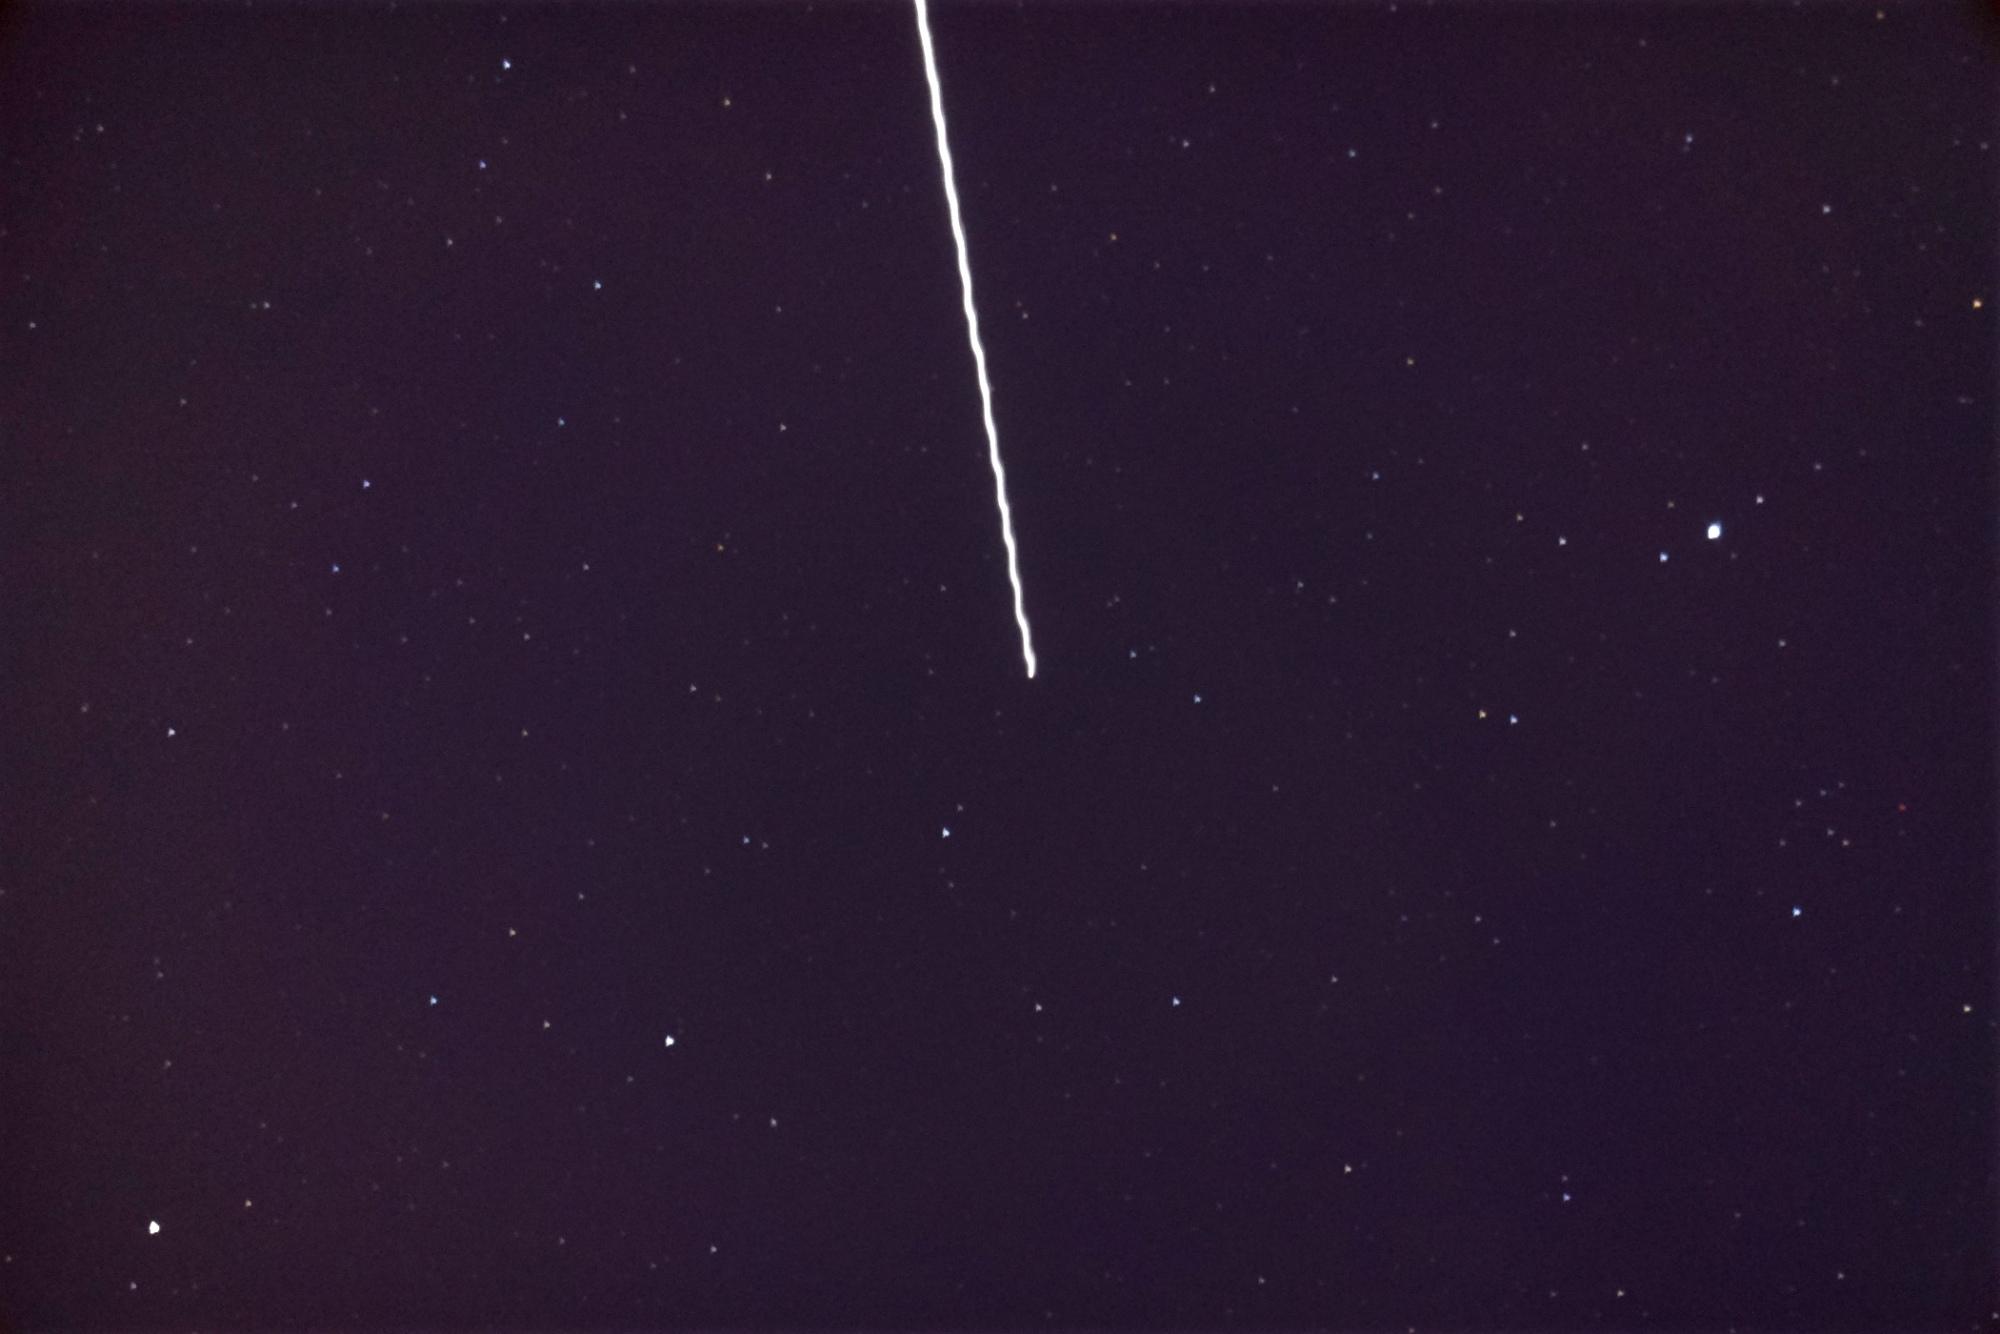 starlink4-1138-300320-19h19m20-t407f4bf-1s.thumb.jpg.24788c2e41c05b6937d2e7206b294d12.jpg